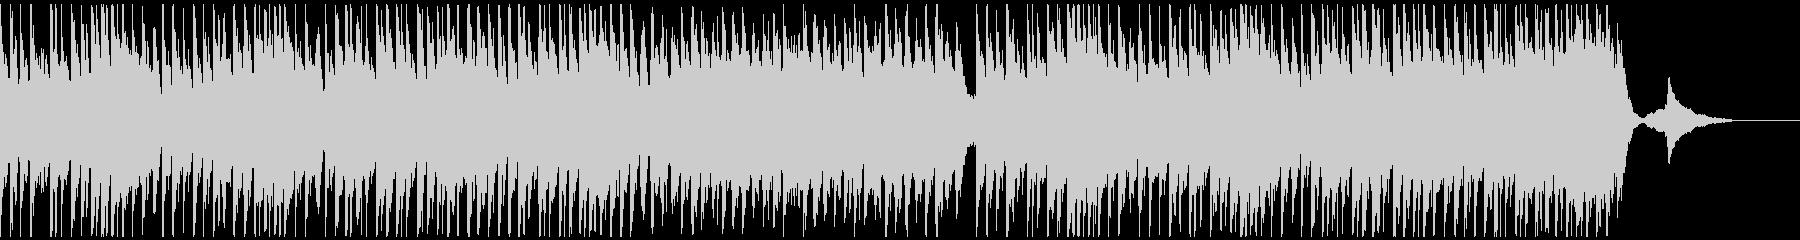 メルヘン、ファンタジックでかわいいBGMの未再生の波形